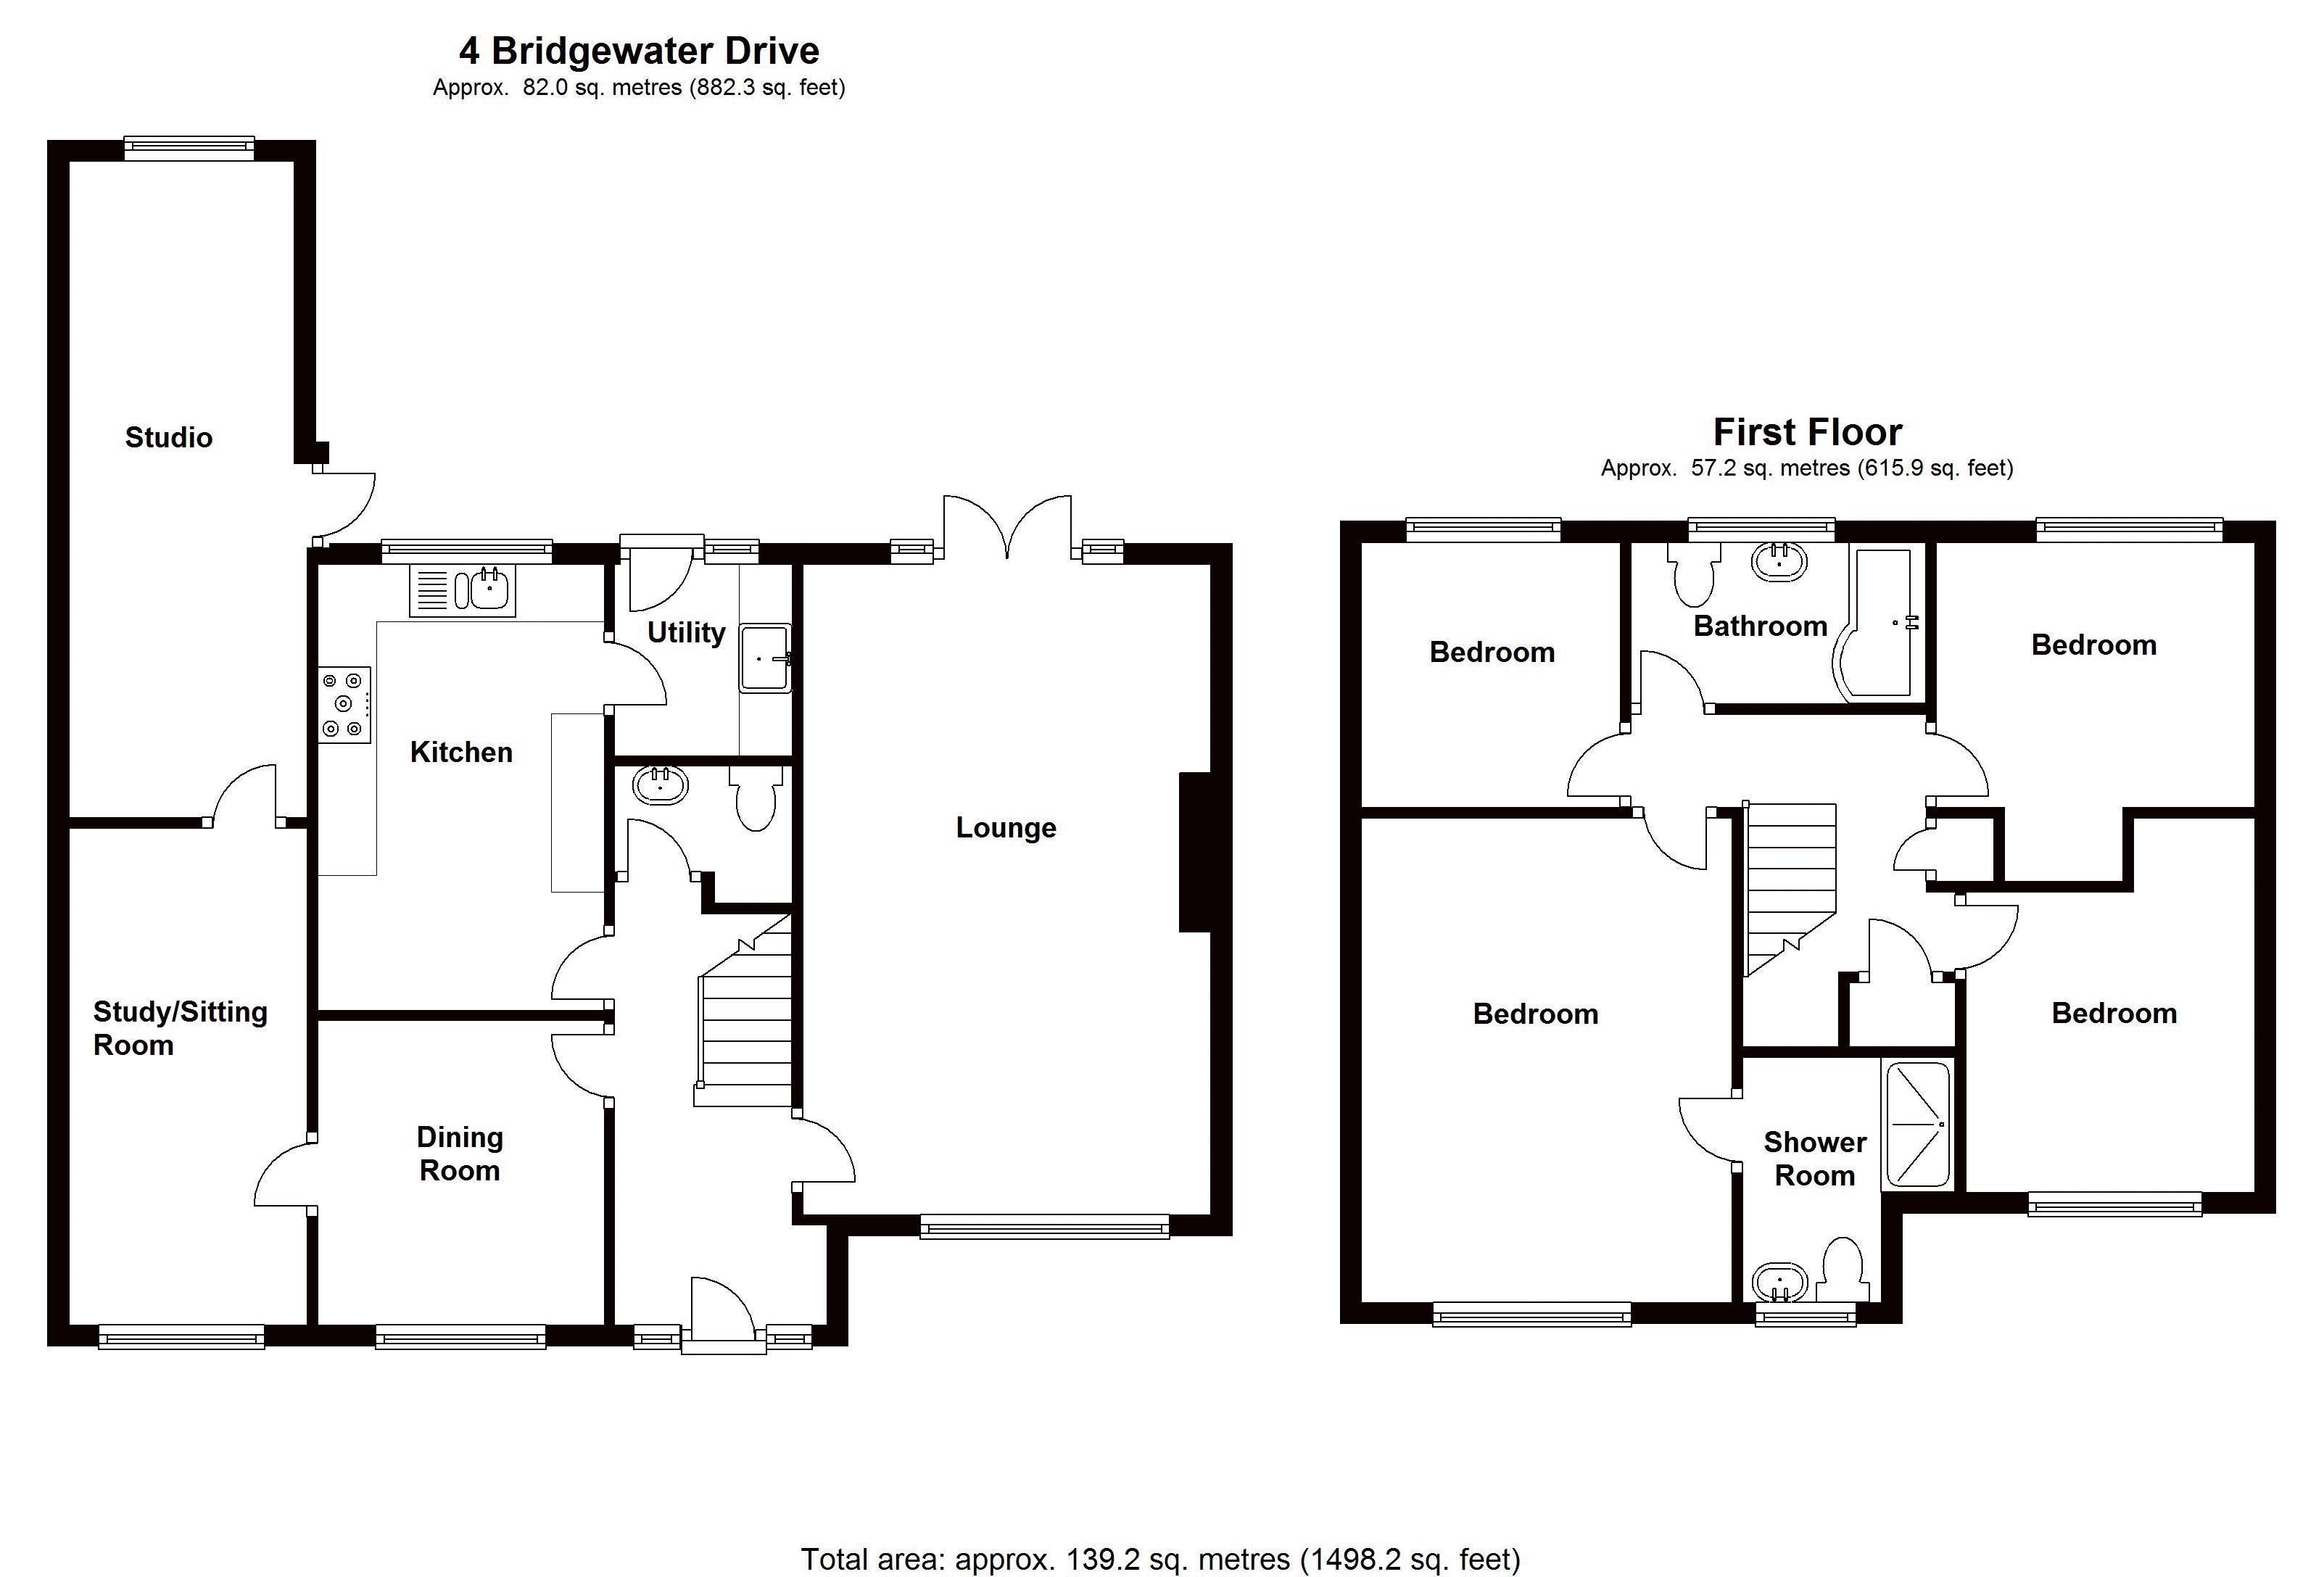 4 Bridgewater Drive - Floor Plan